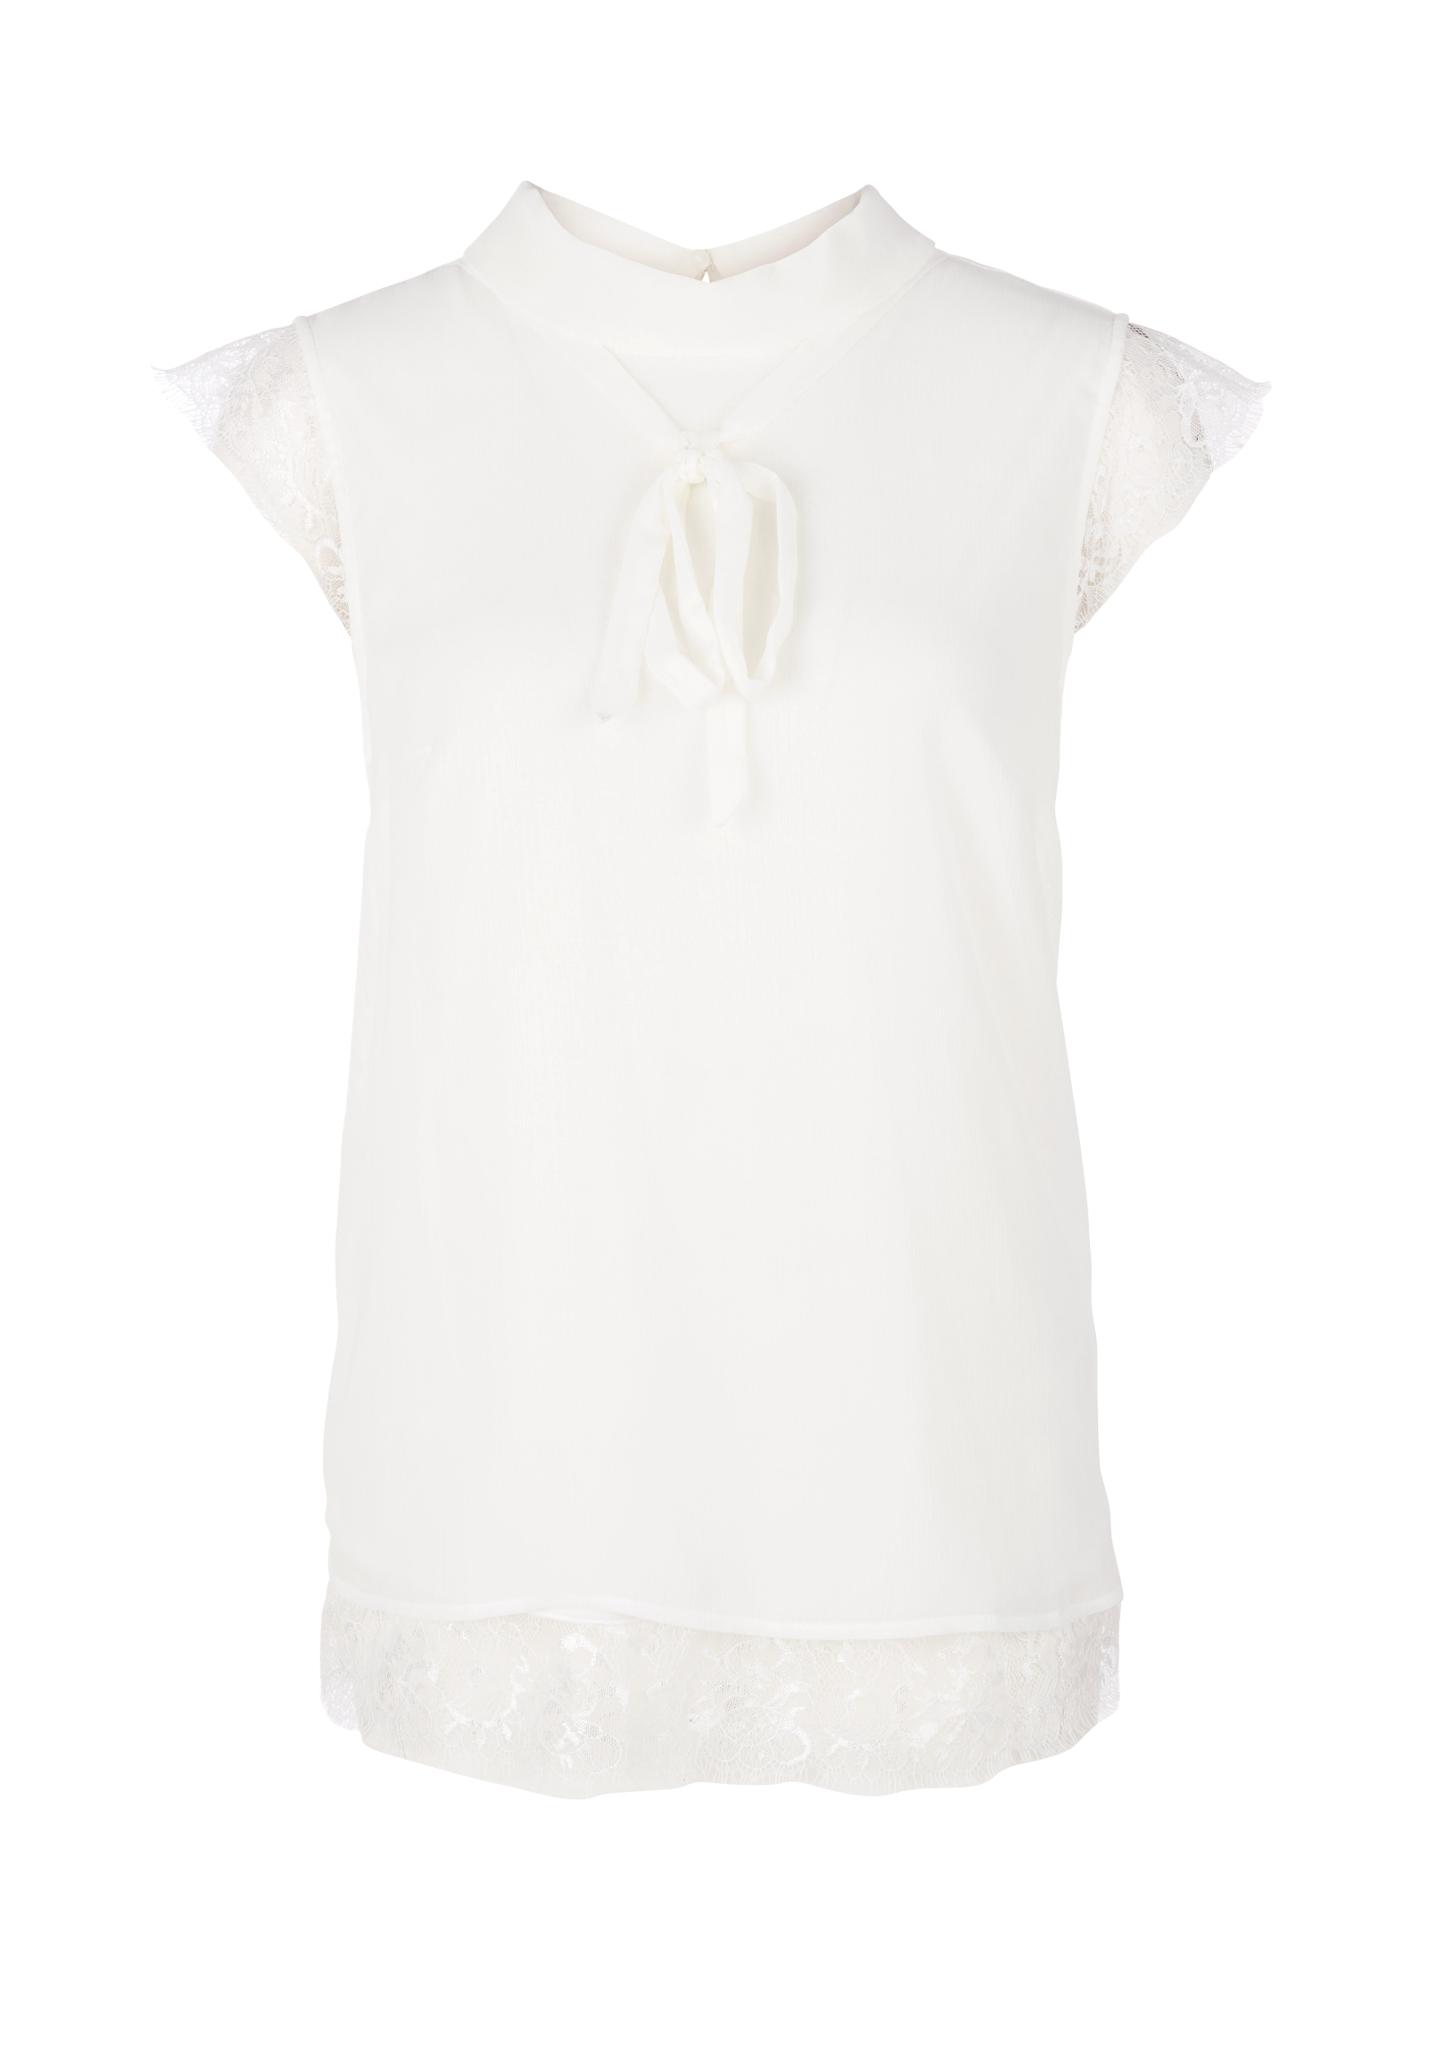 Chiffon-Blusentop | Bekleidung > Blusen > Chiffonblusen | Weiß | Obermaterial 100% polyester| spitze 100% polyamid| futter 100% viskose | s.Oliver